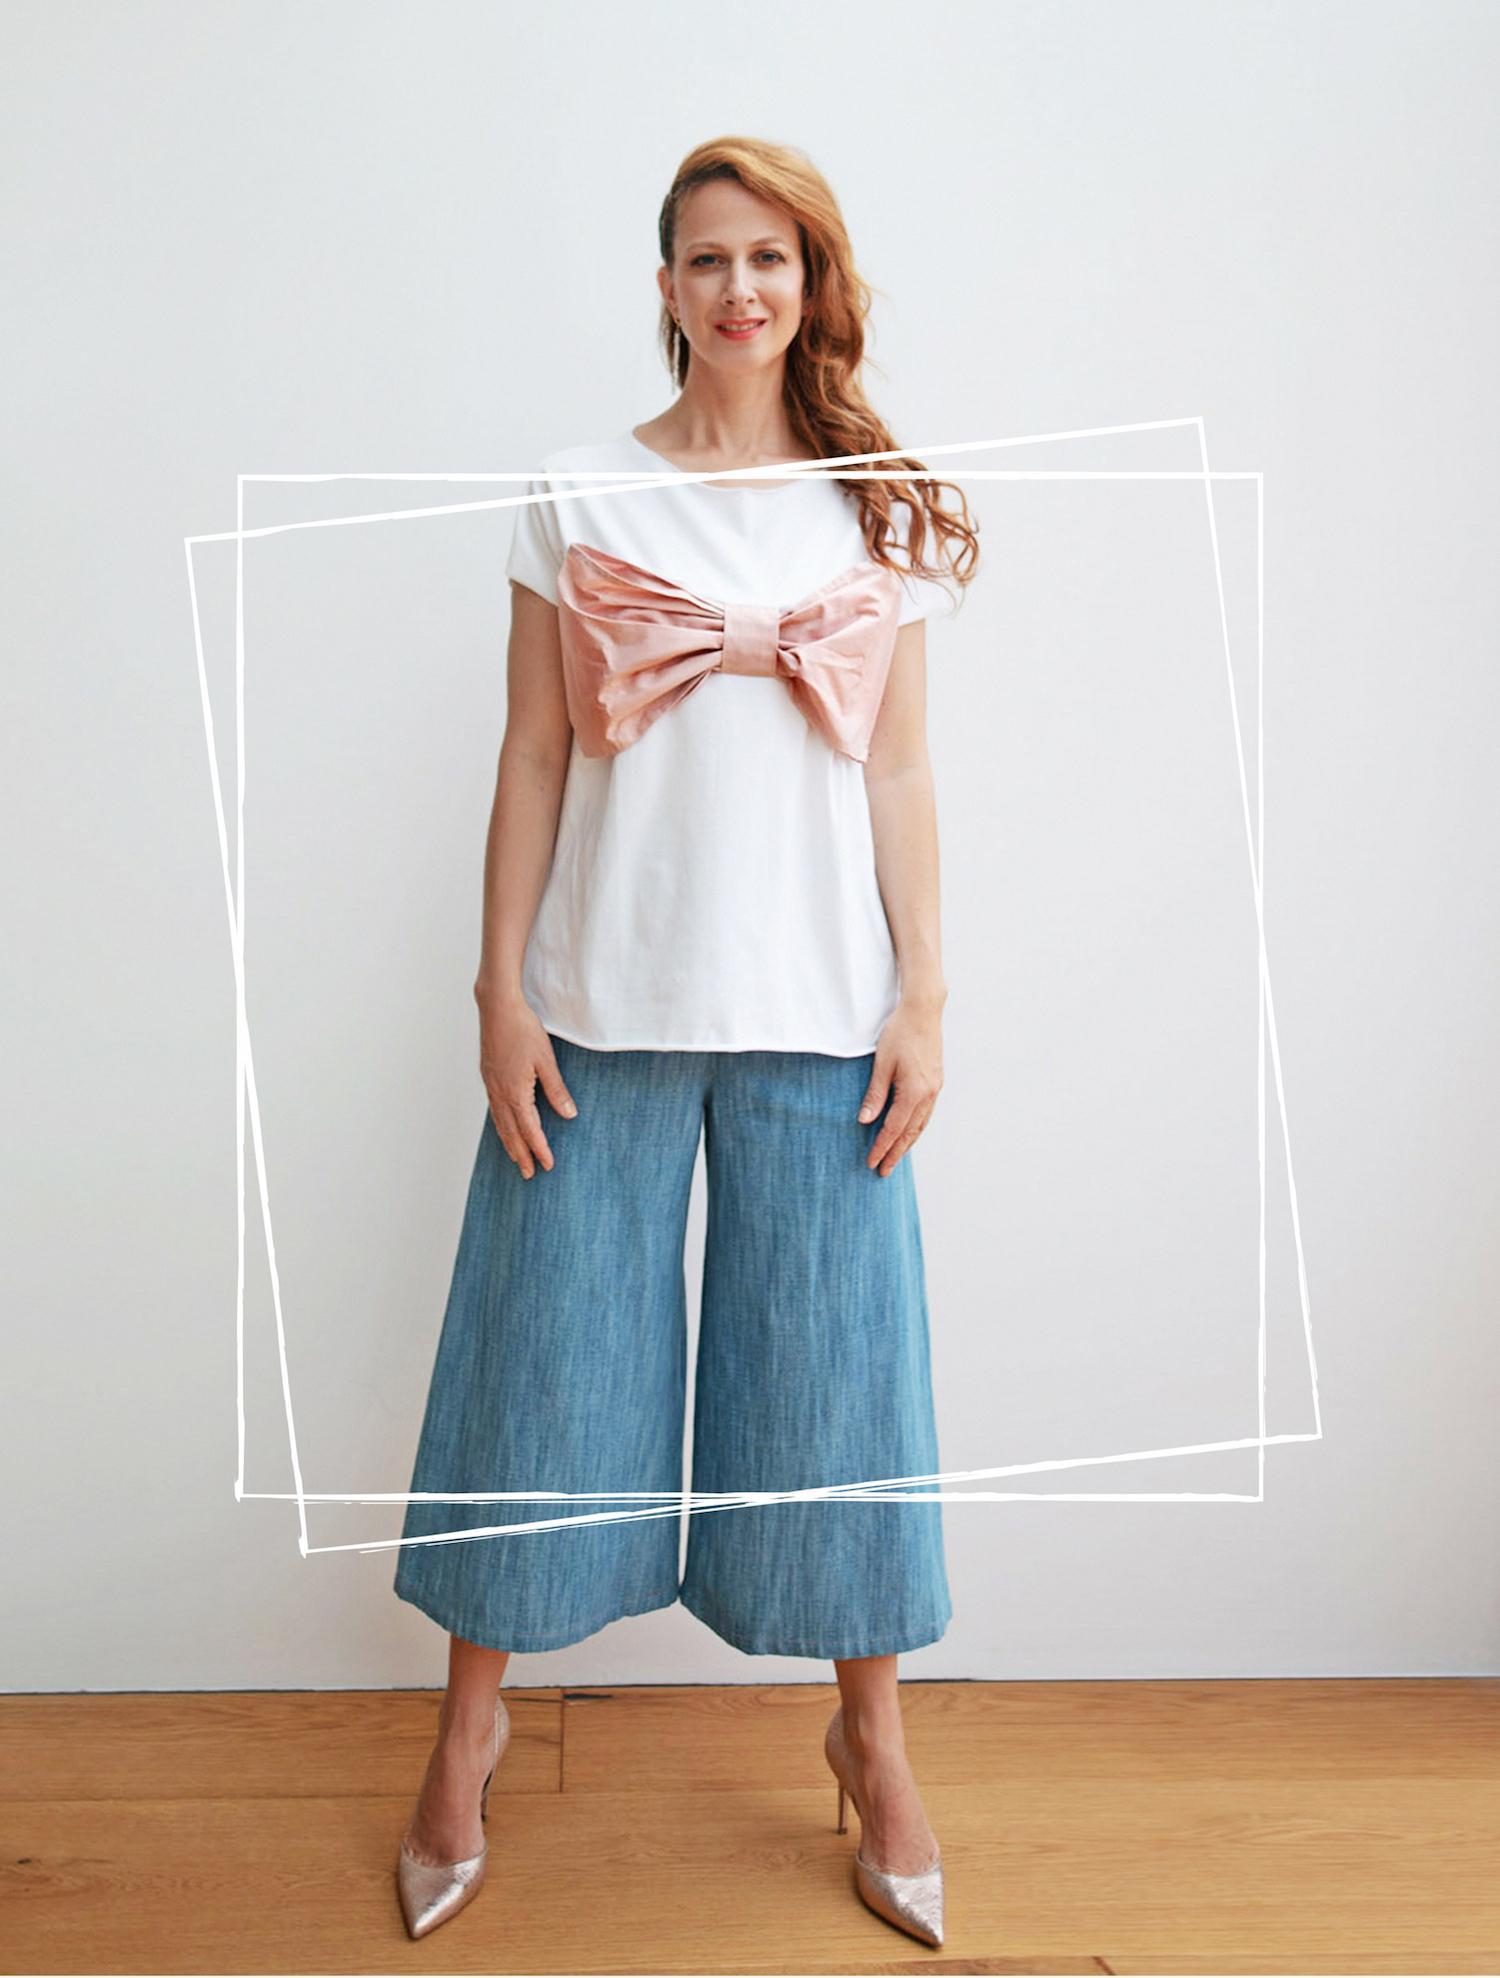 nika veger modni bloger sustainable trajnostno majica organski bombaz eva ahacevcic beautyfullblog